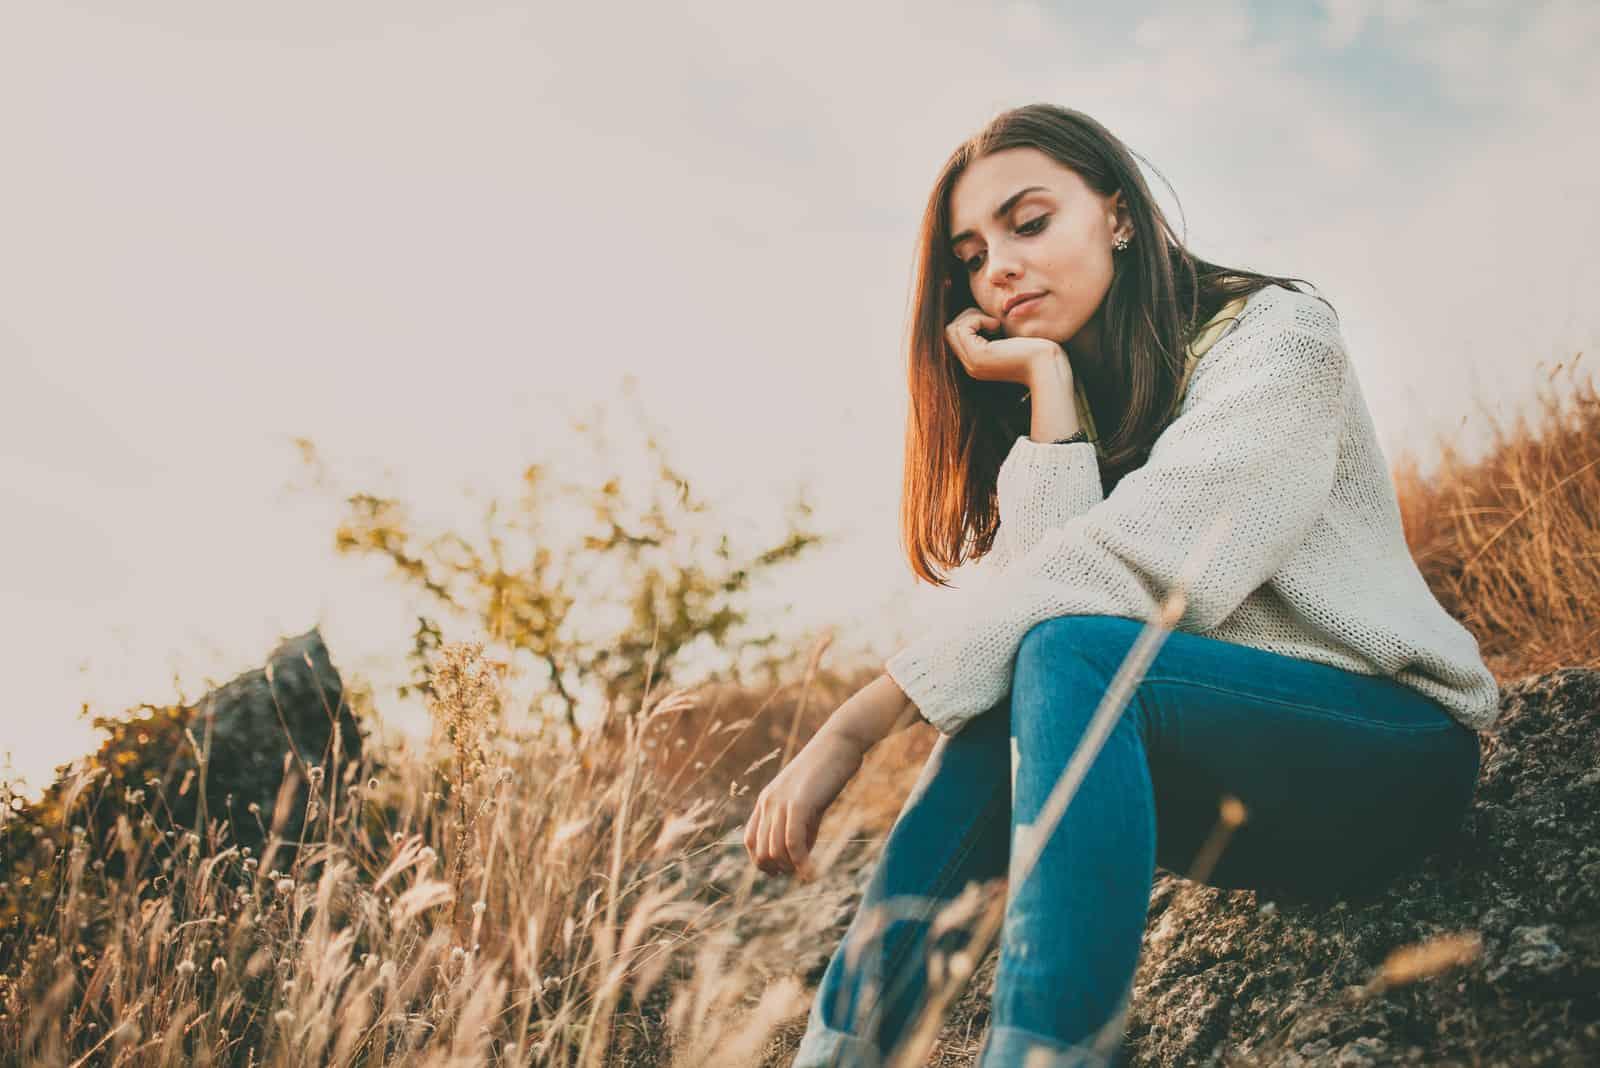 une femme imaginaire assise sur l'herbe